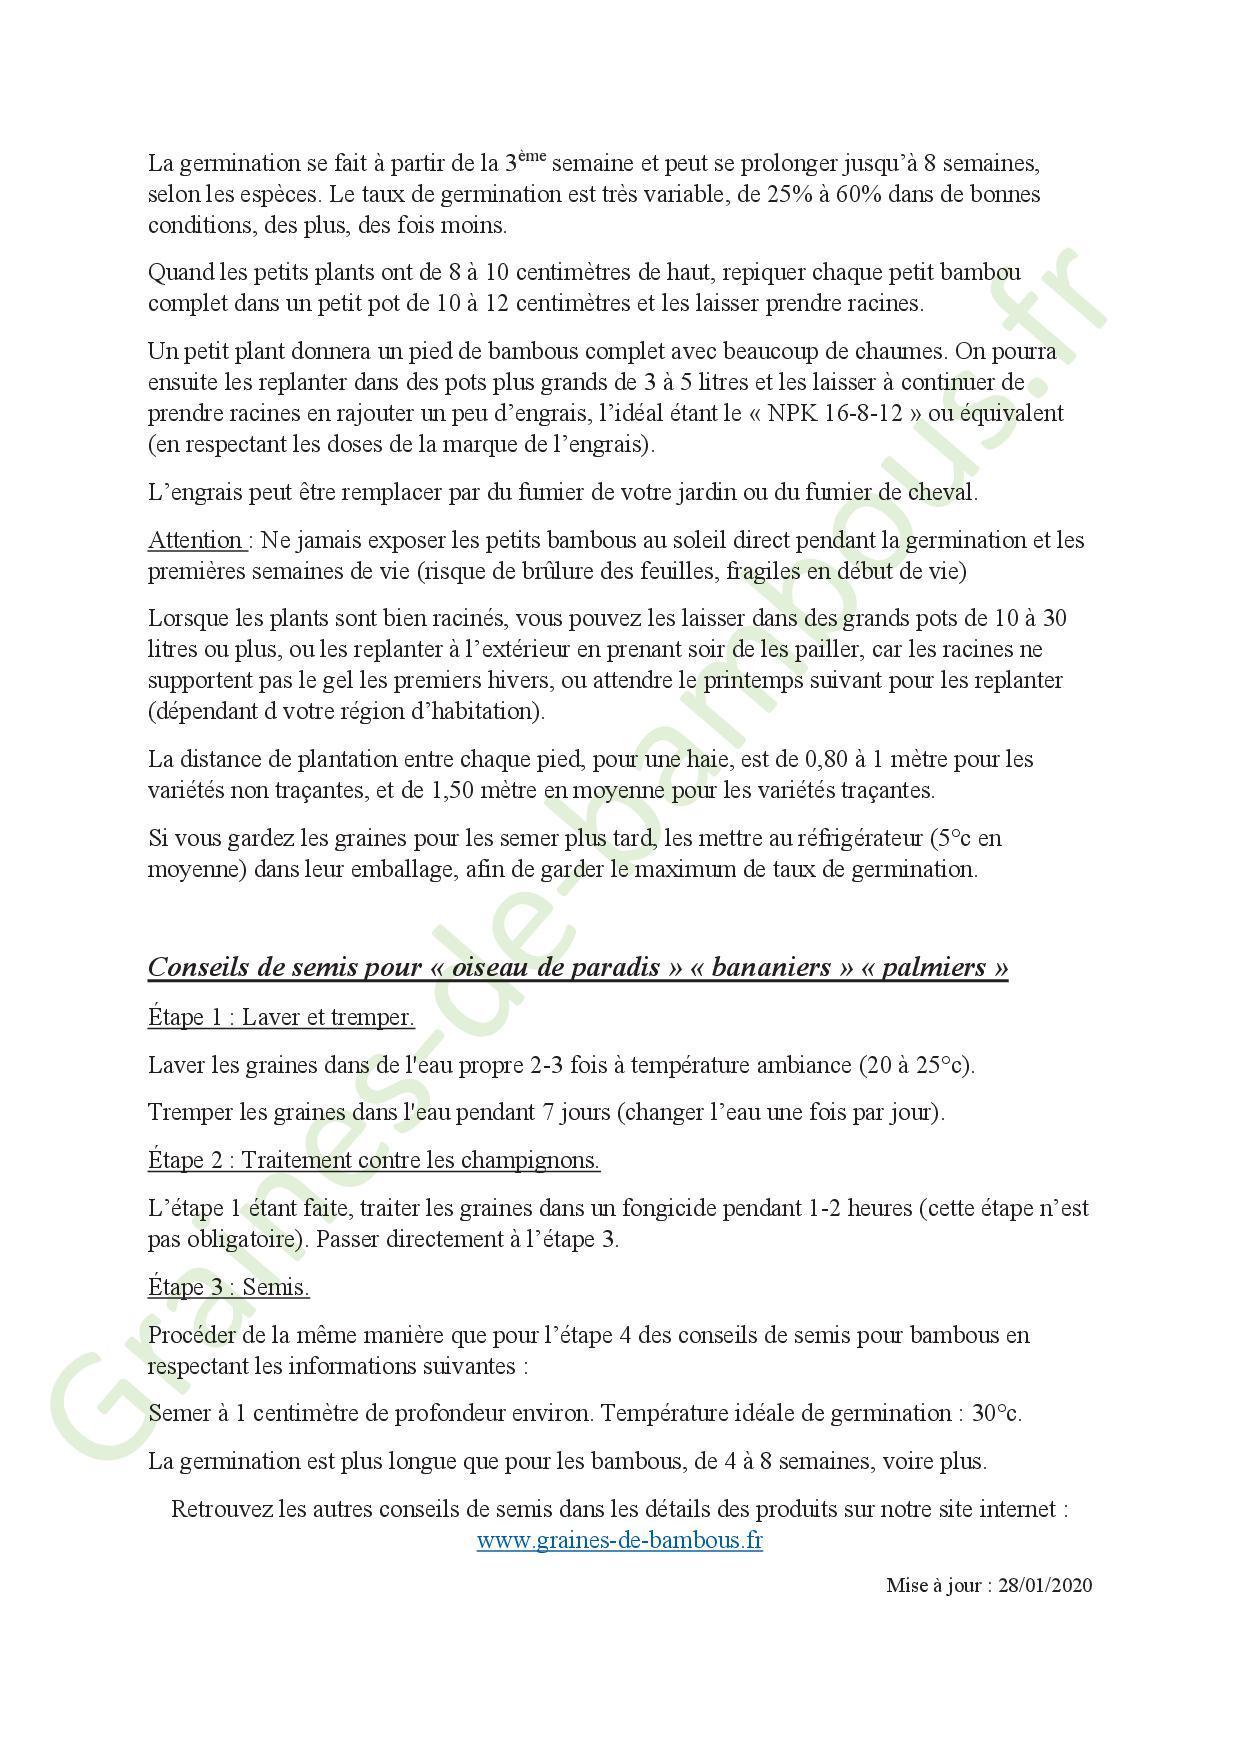 Conseils de semis pour bambous 20202